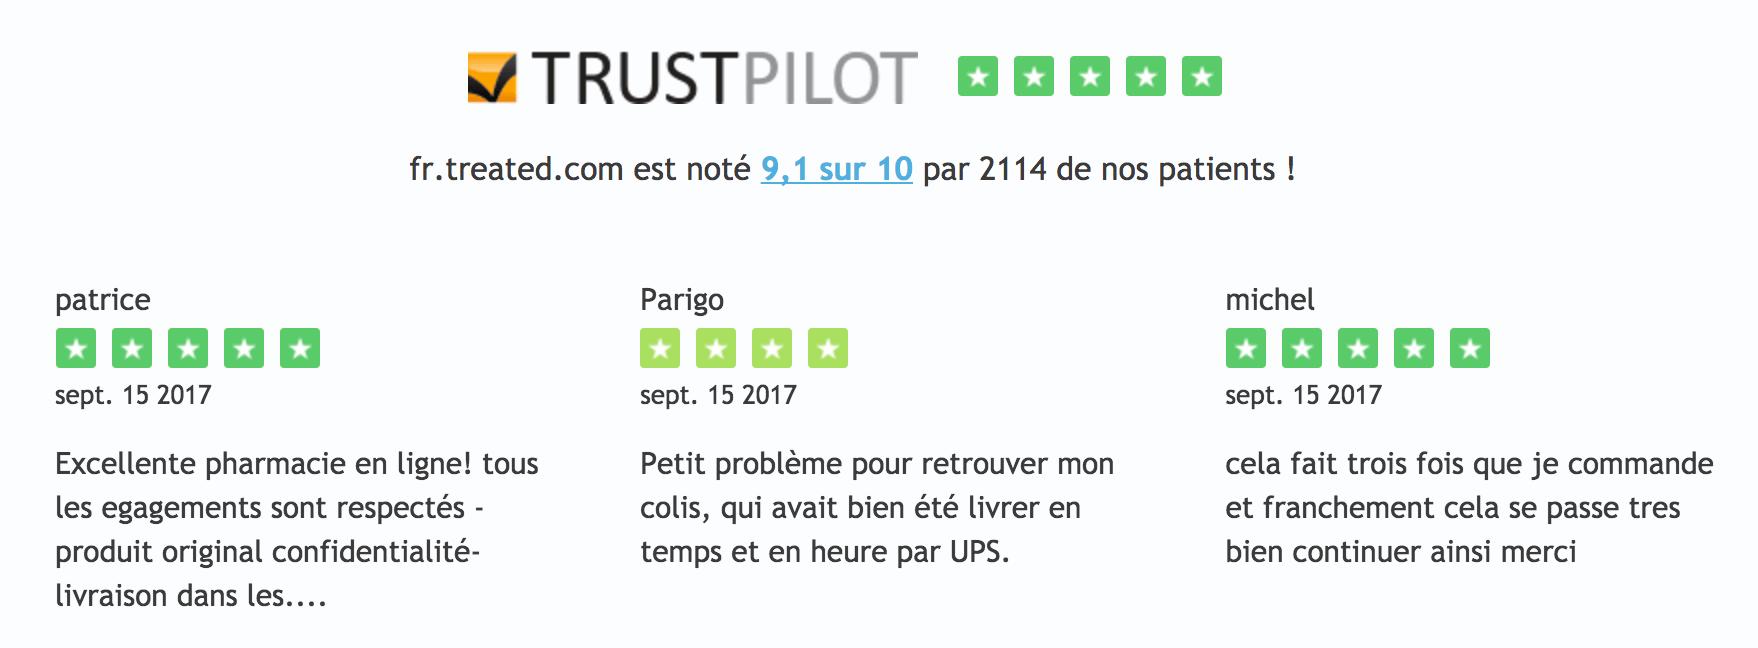 Des avis TrustPilot excellents